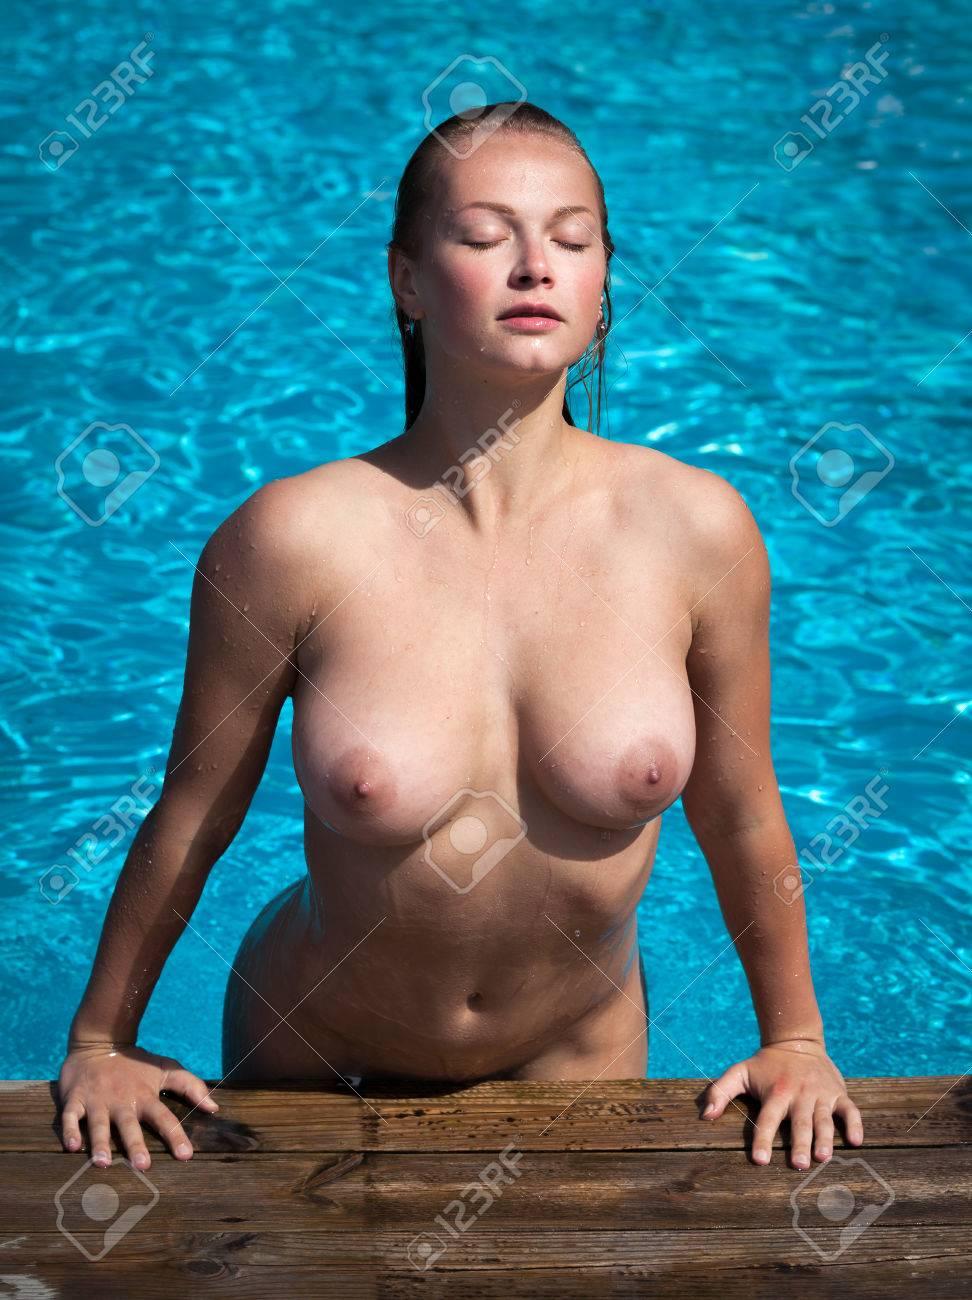 Nackt pool am frauen sexy Heißer Sex